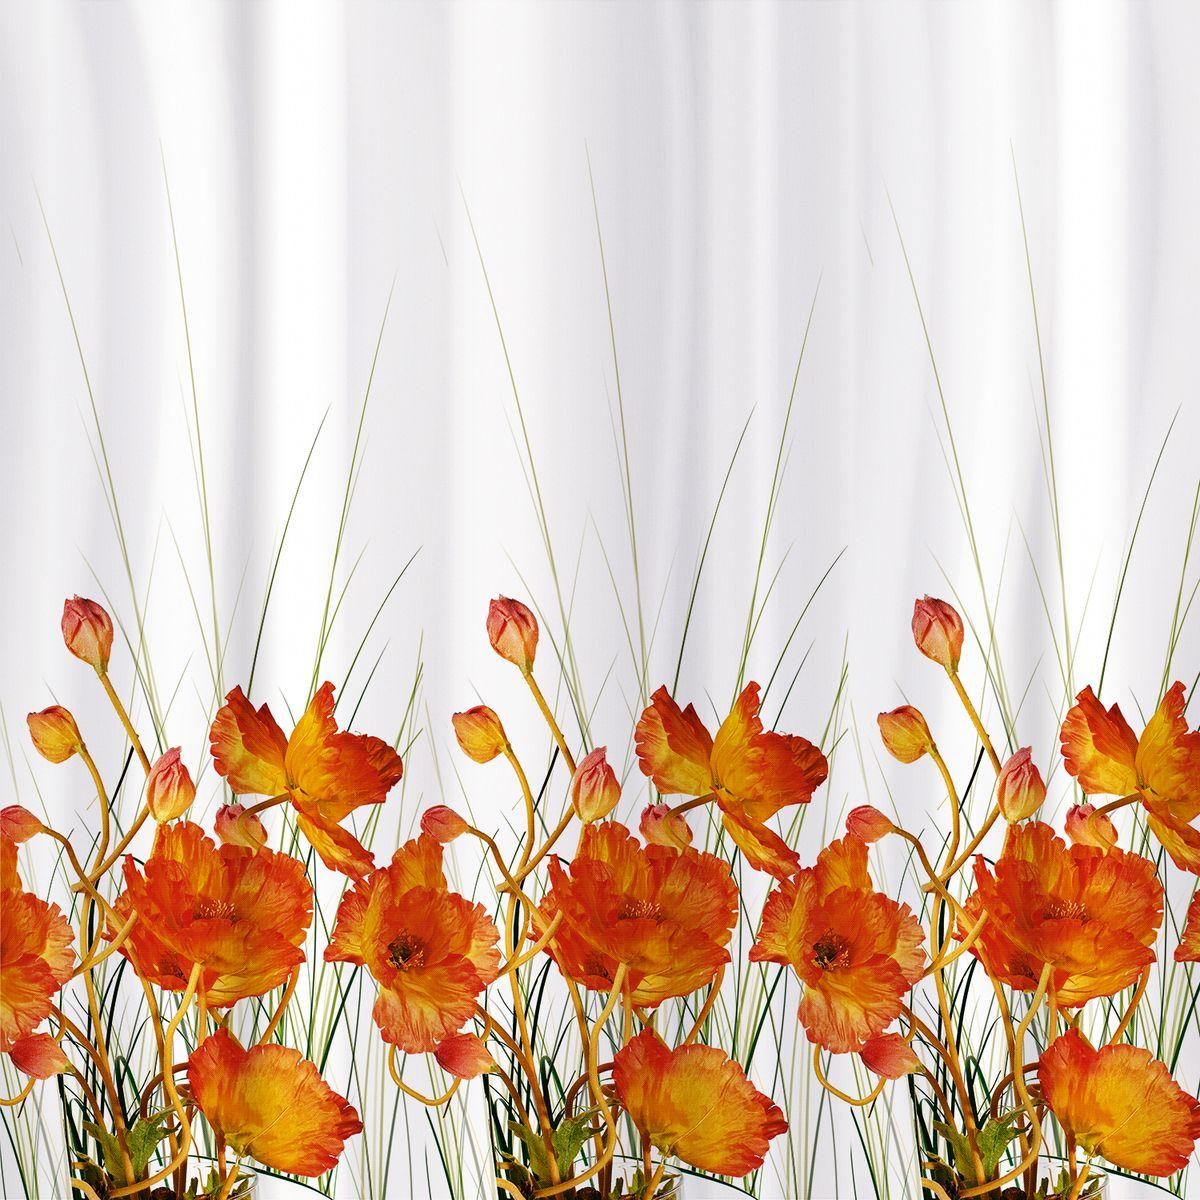 Штора для ванной Tatkraft French Poppies Textile, цвет: белый, оранжевый, 180 х 180 см74-0120Штора для ванной Tatkraft French Poppies Textile имеет специальную водоотталкивающую пропитку и антигрибковое покрытие. Штора быстро сохнет, легко моется и обладает повышенной износостойкостью. Штора оснащена магнитами-утяжелителями для лучшей фиксации. Мягкая и приятная на ощупь штора для ванной Tatkraft порадует вас своим ярким дизайном и добавит уюта в ванную комнату.